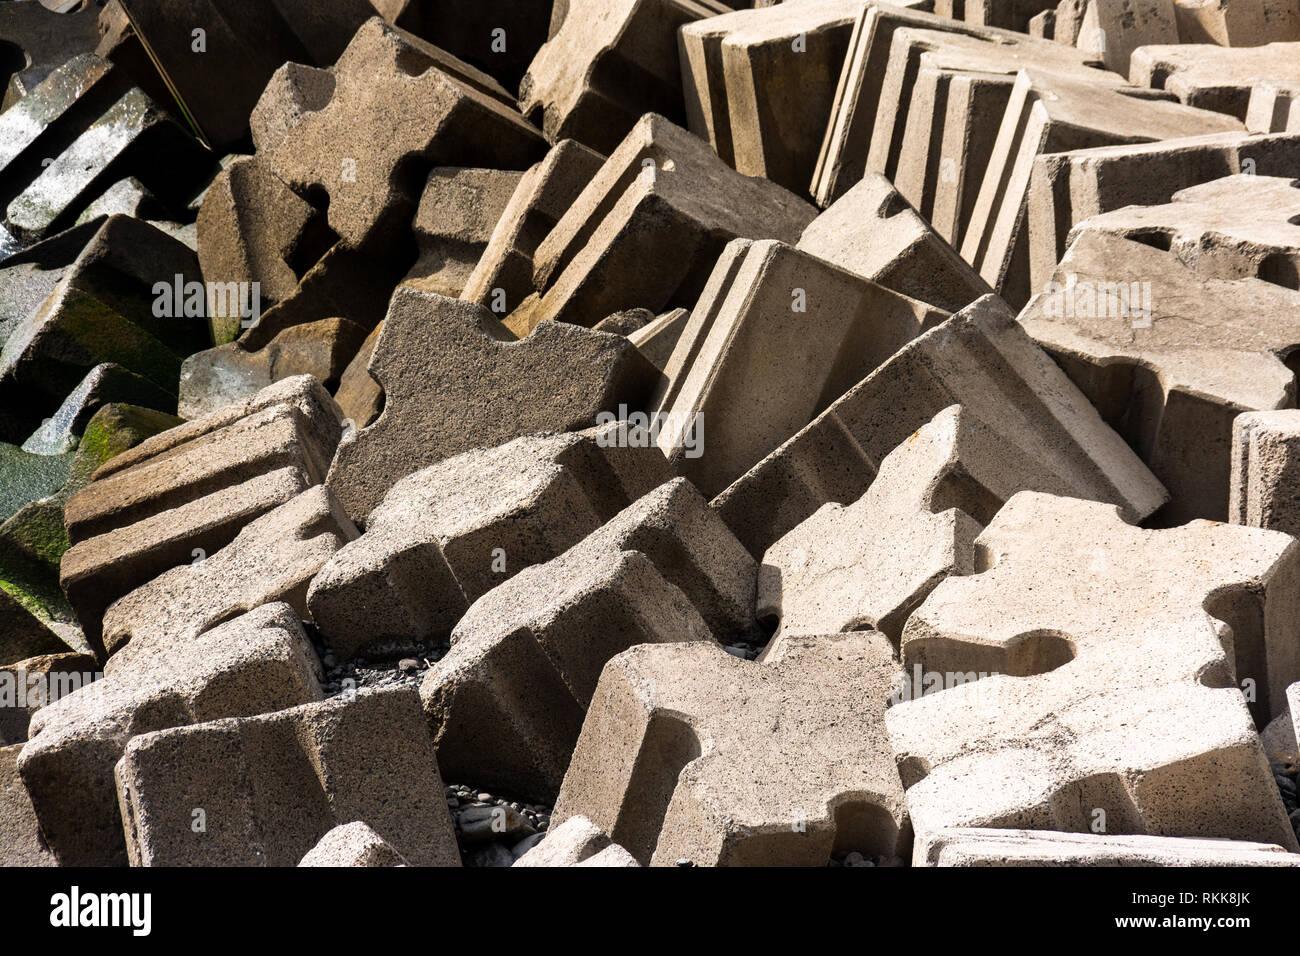 Concrete cubes as harbor attachment - Stock Image